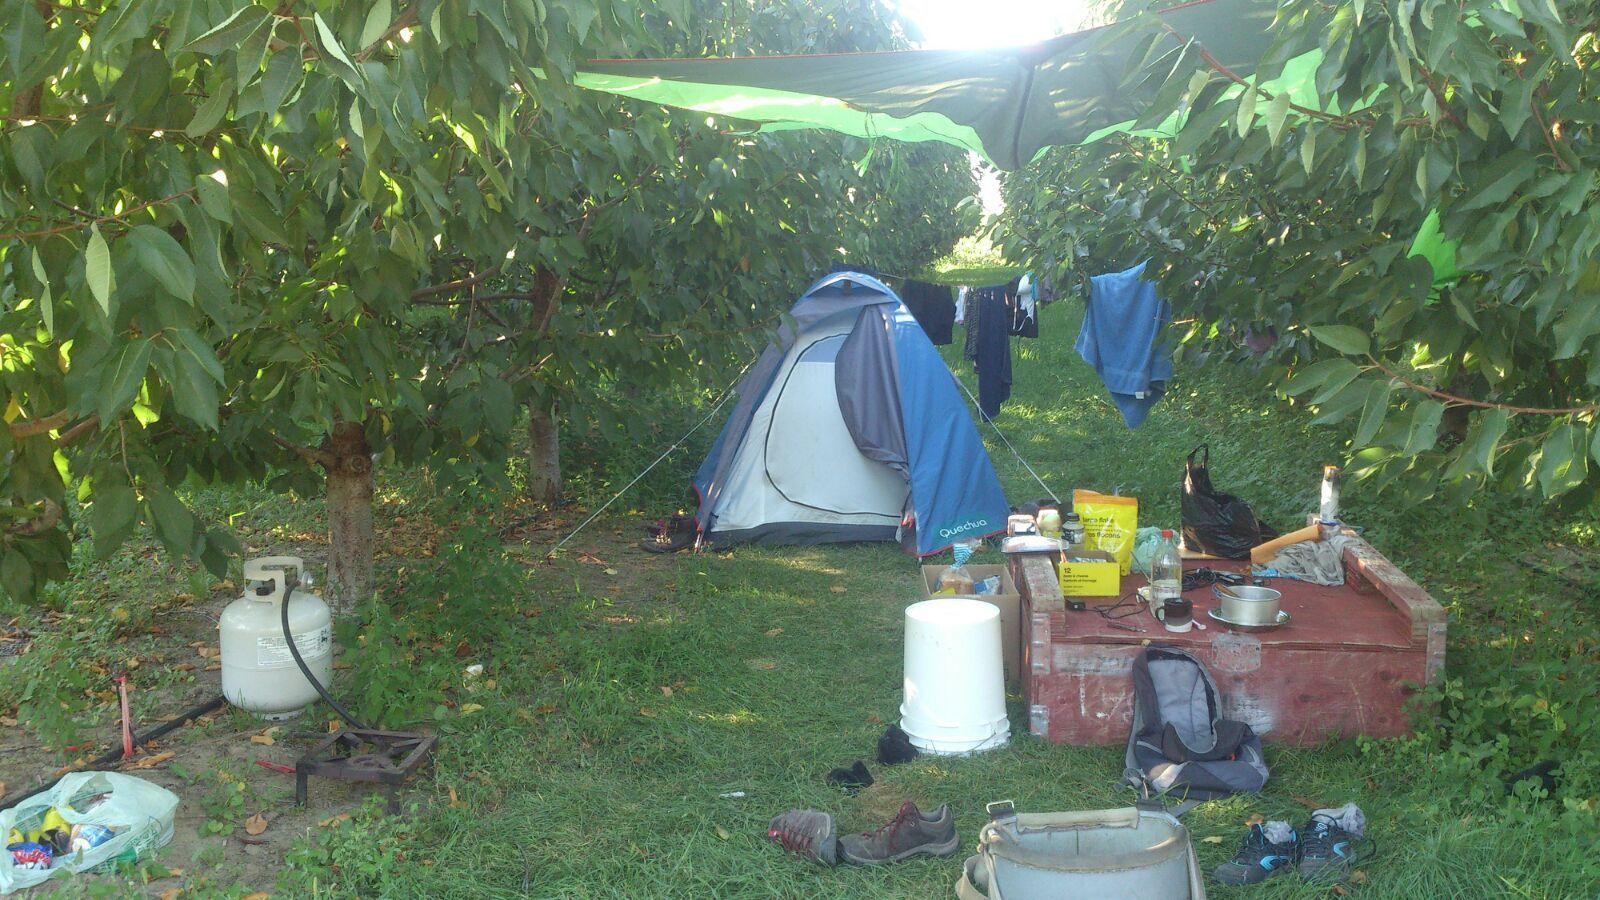 picker canada, picker, cerezas, cherry picker, diario de un picker, recoger cerezas, camping canada, granja canada